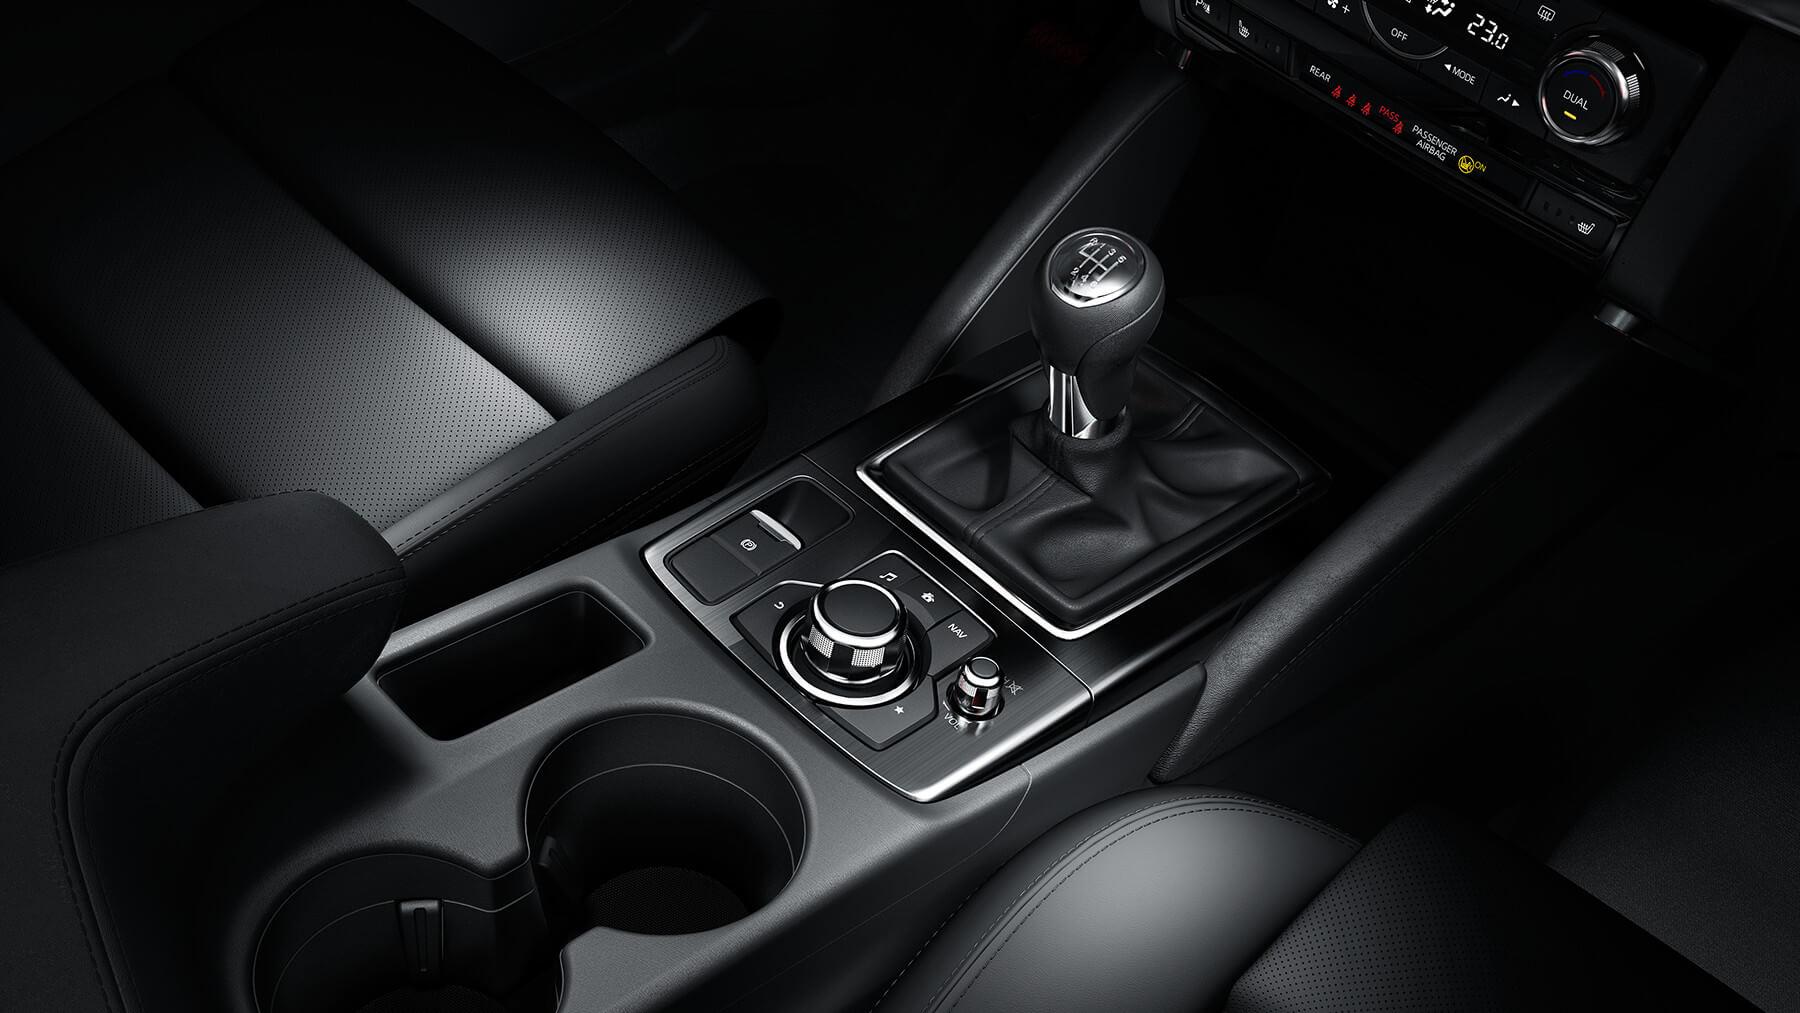 2017 mazda cx 5 for sale in elk grove ca mazda of elk grove rh mazdaofelkgrove com used mazda cx 5 manual transmission for sale Mazda CX-5 Manual 2018